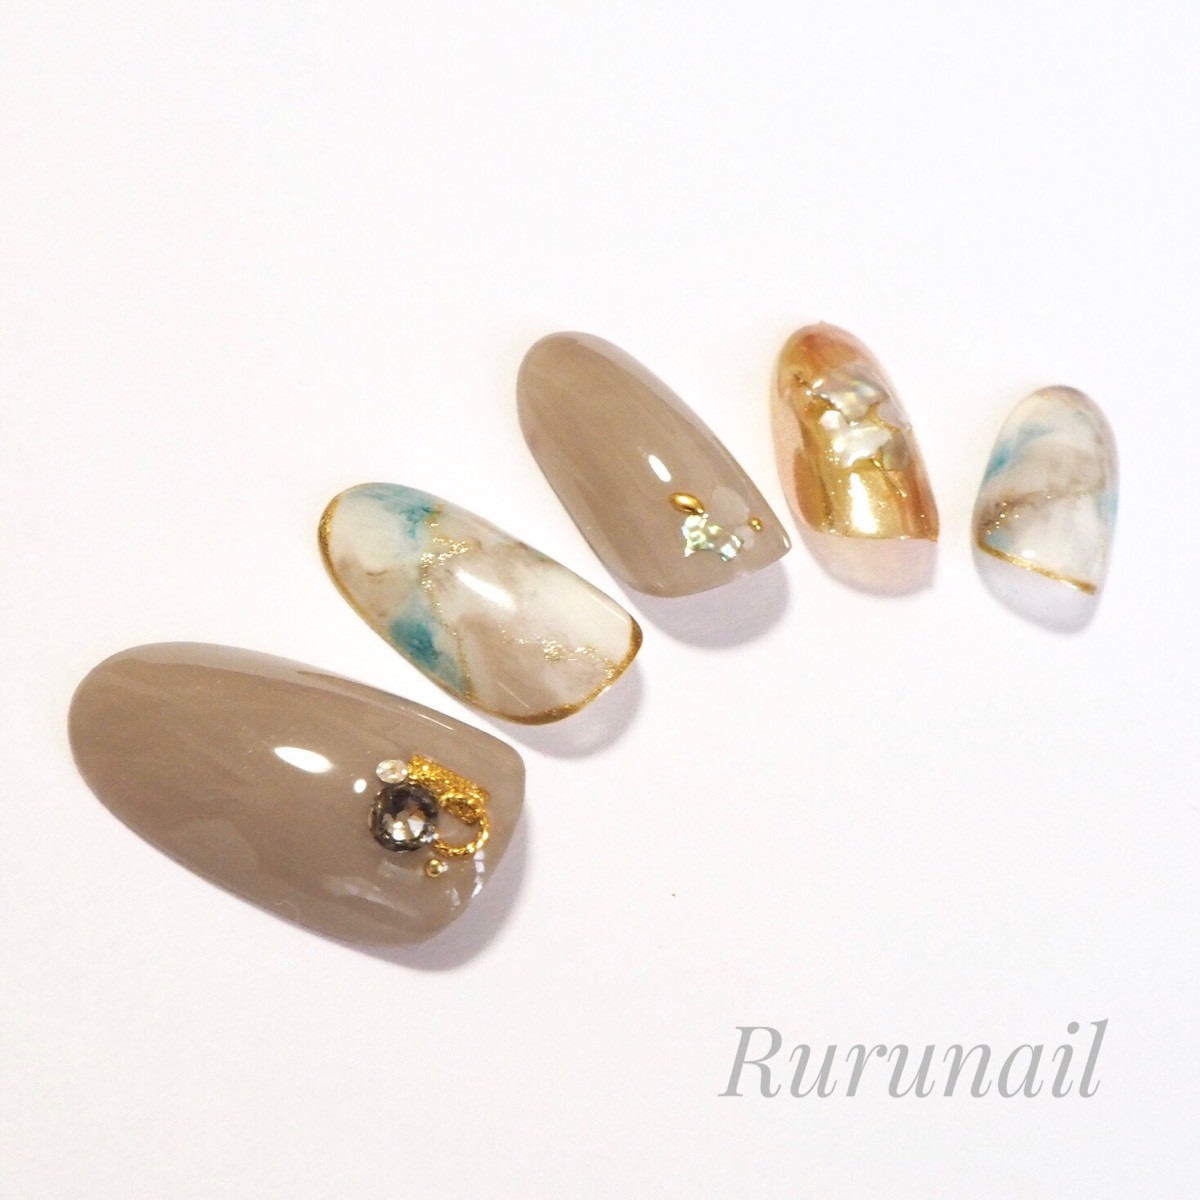 画像2: ナチュラルカラー天然石とミラーの夏ネイルチップ(408